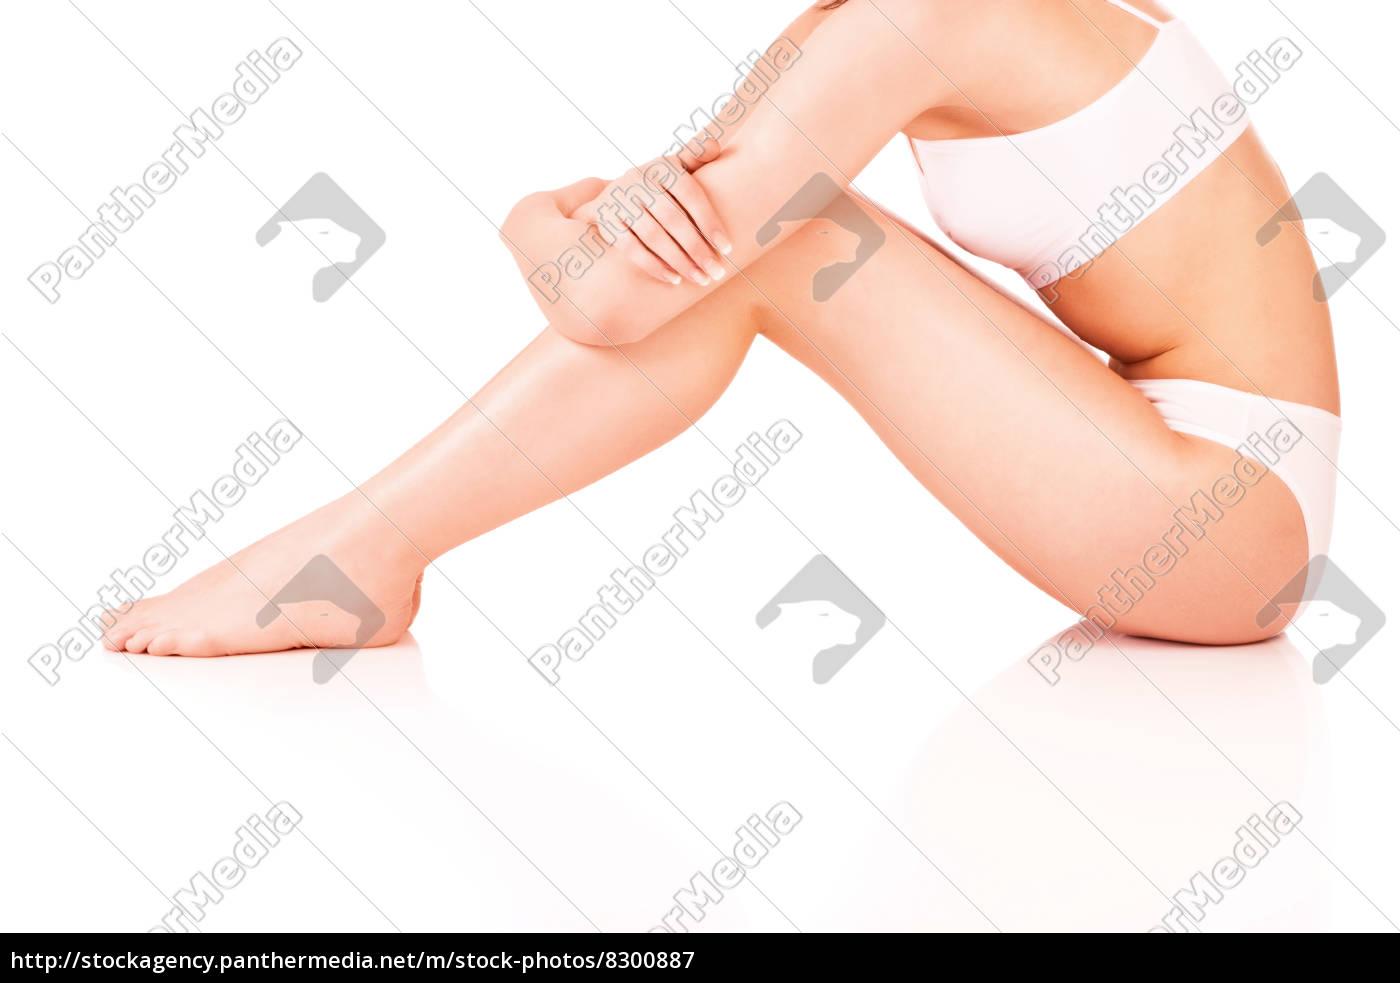 weiblicher, körper, in, unterwäsche - 8300887